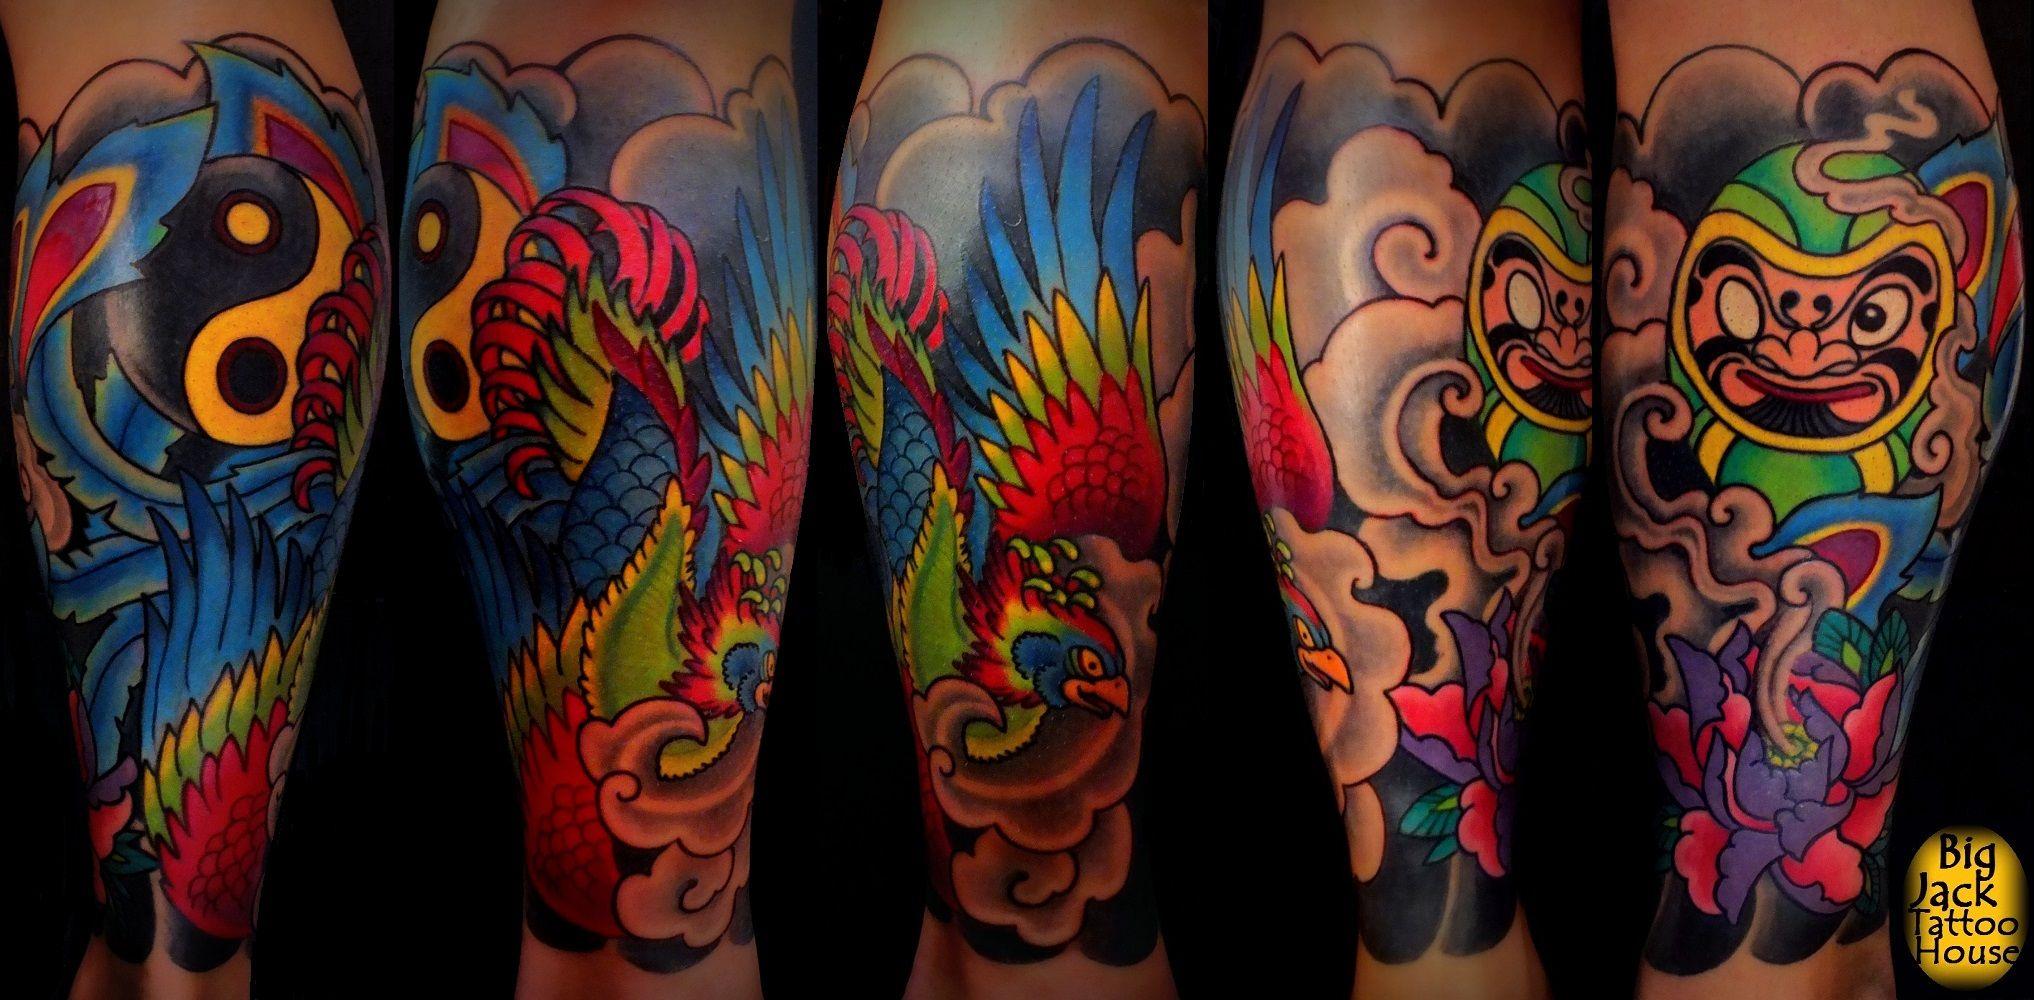 Fenice e Daruma Tattoo Giapponese su polpaccio